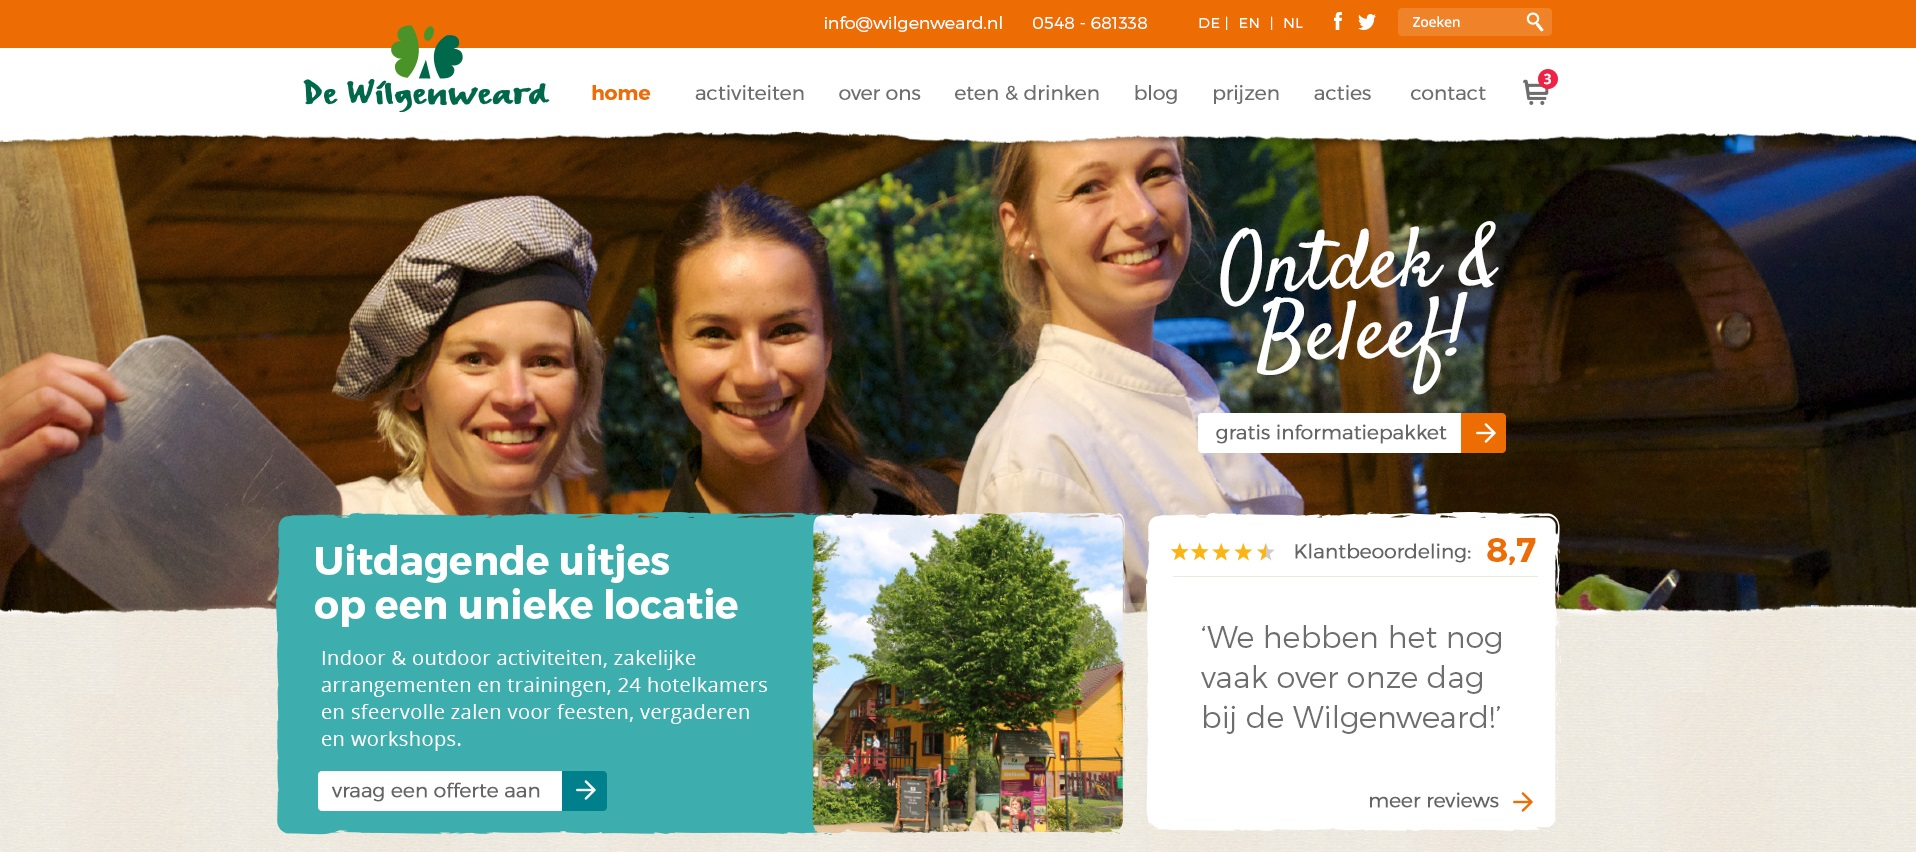 Nieuwe website Wilgenweard online!